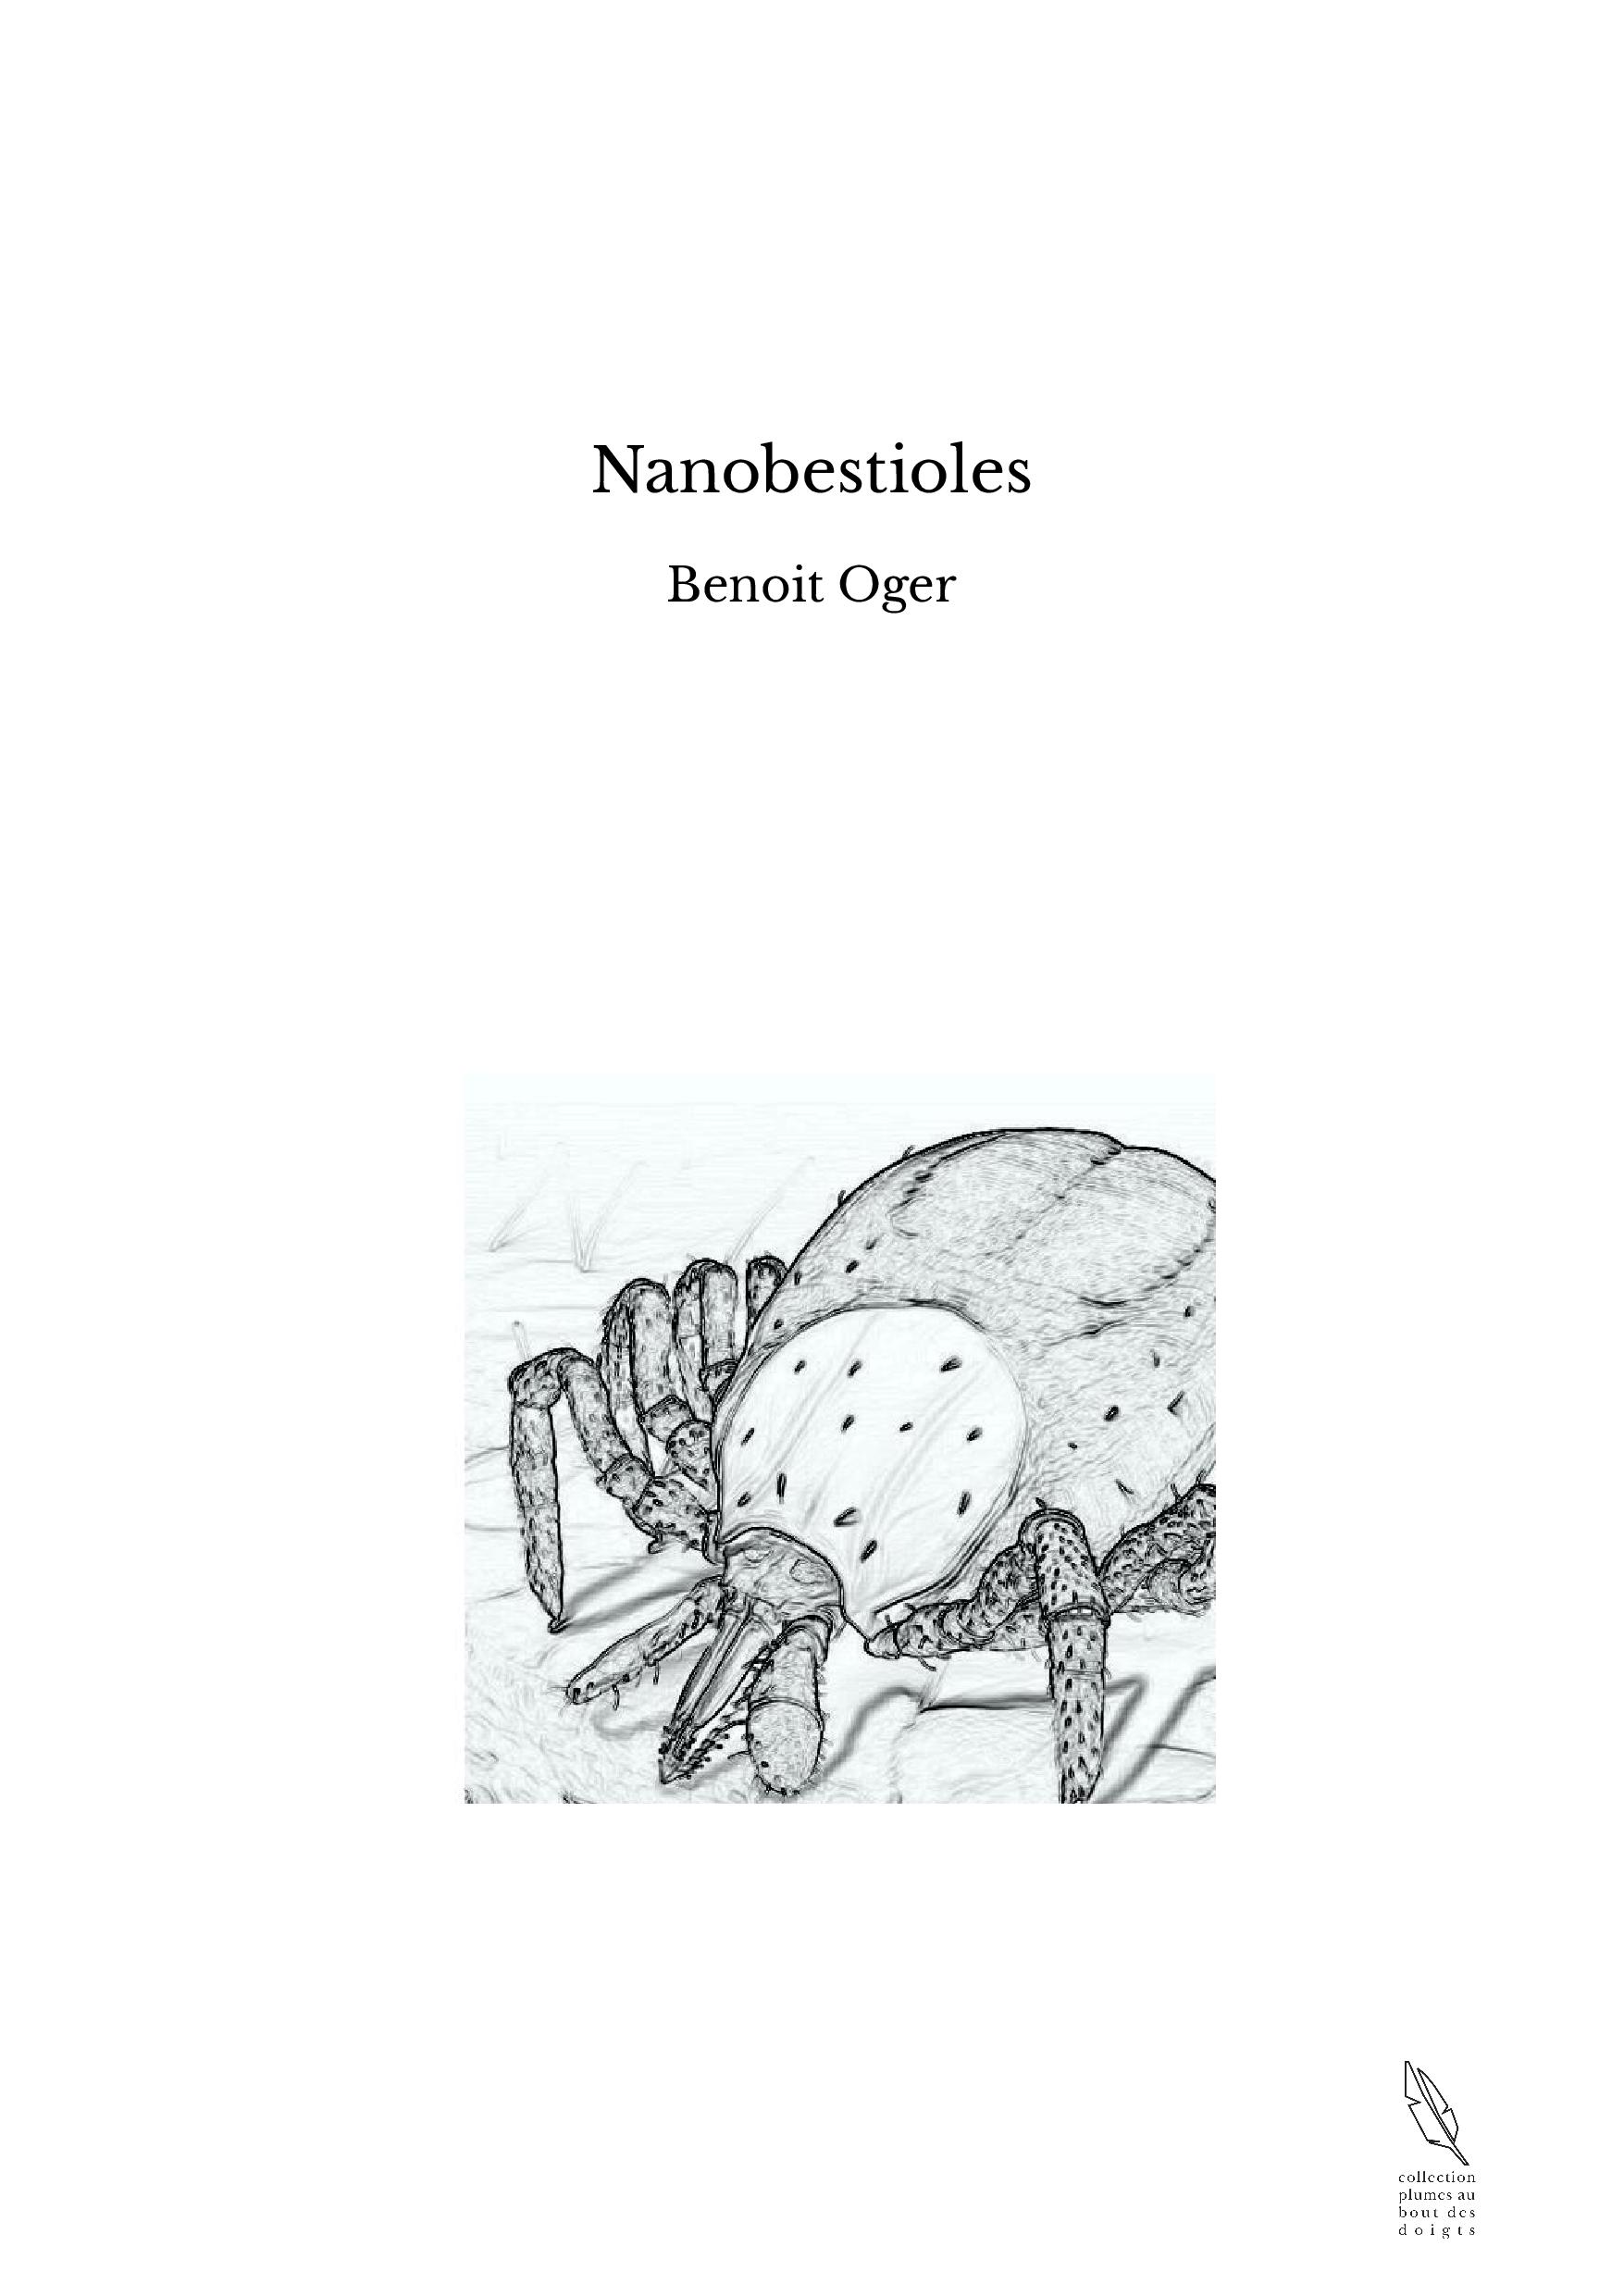 Nanobestioles